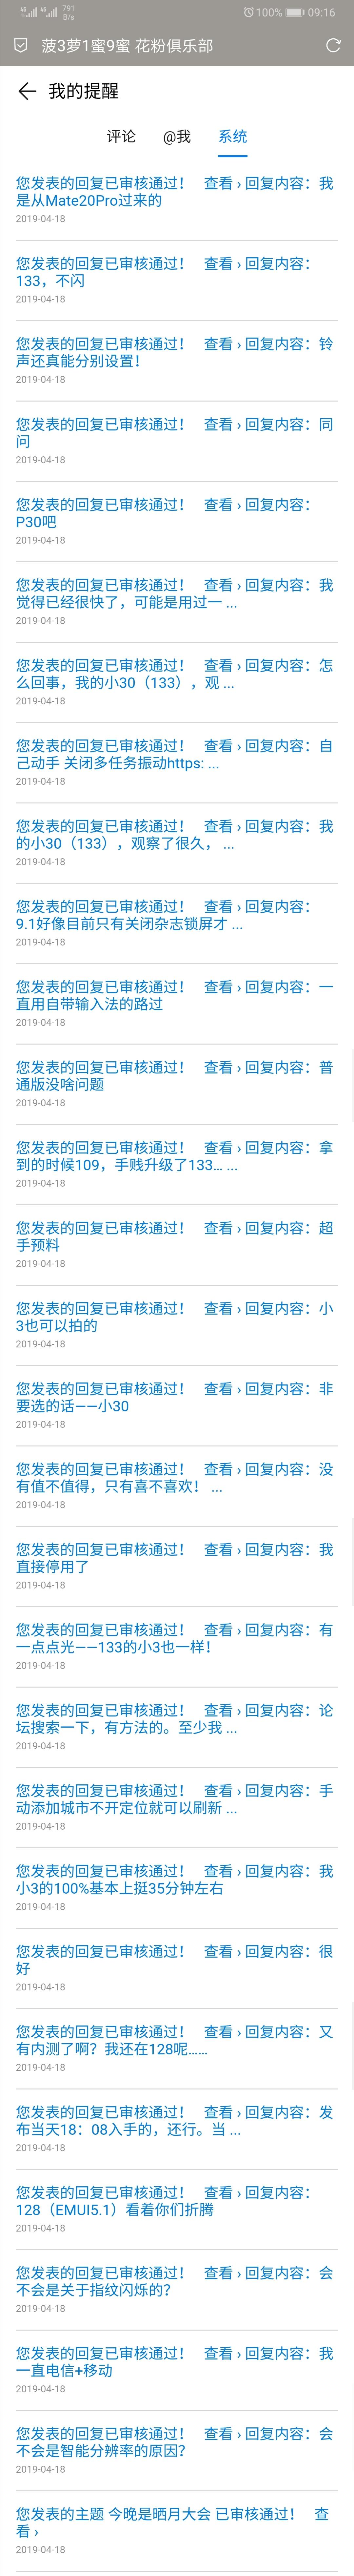 Screenshot_20190418_091717.jpg